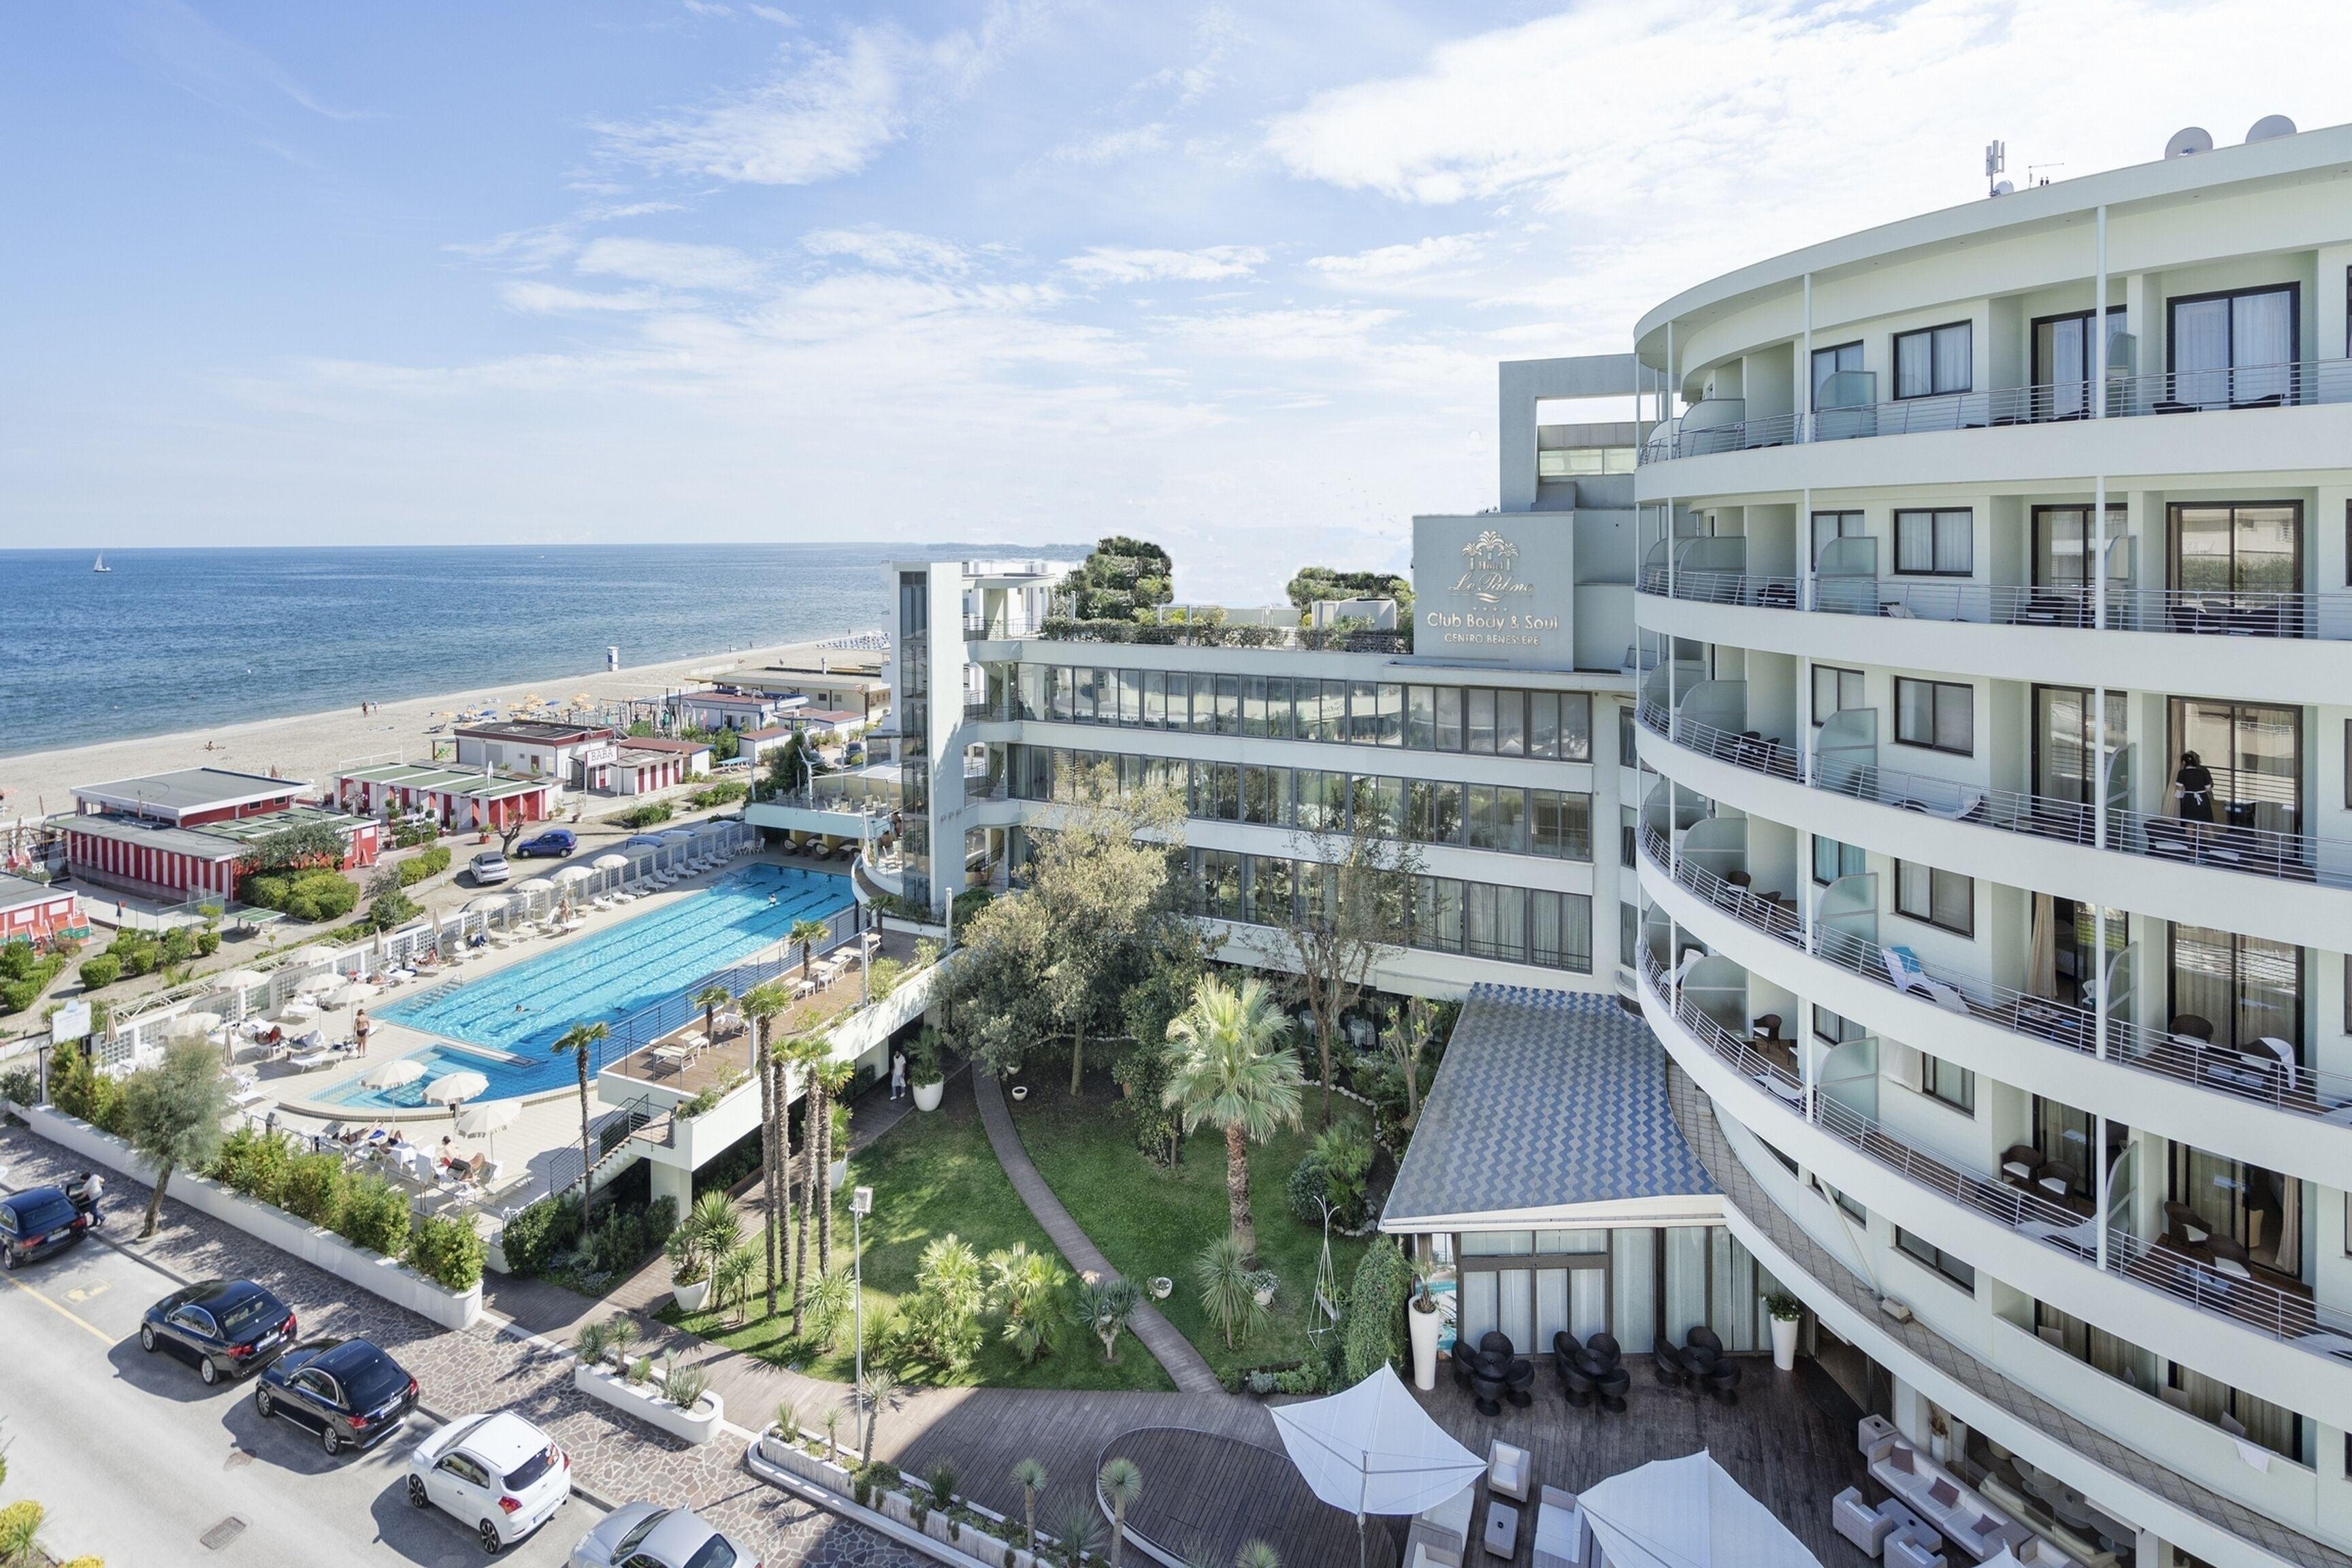 Le Palme - Premier Hotels